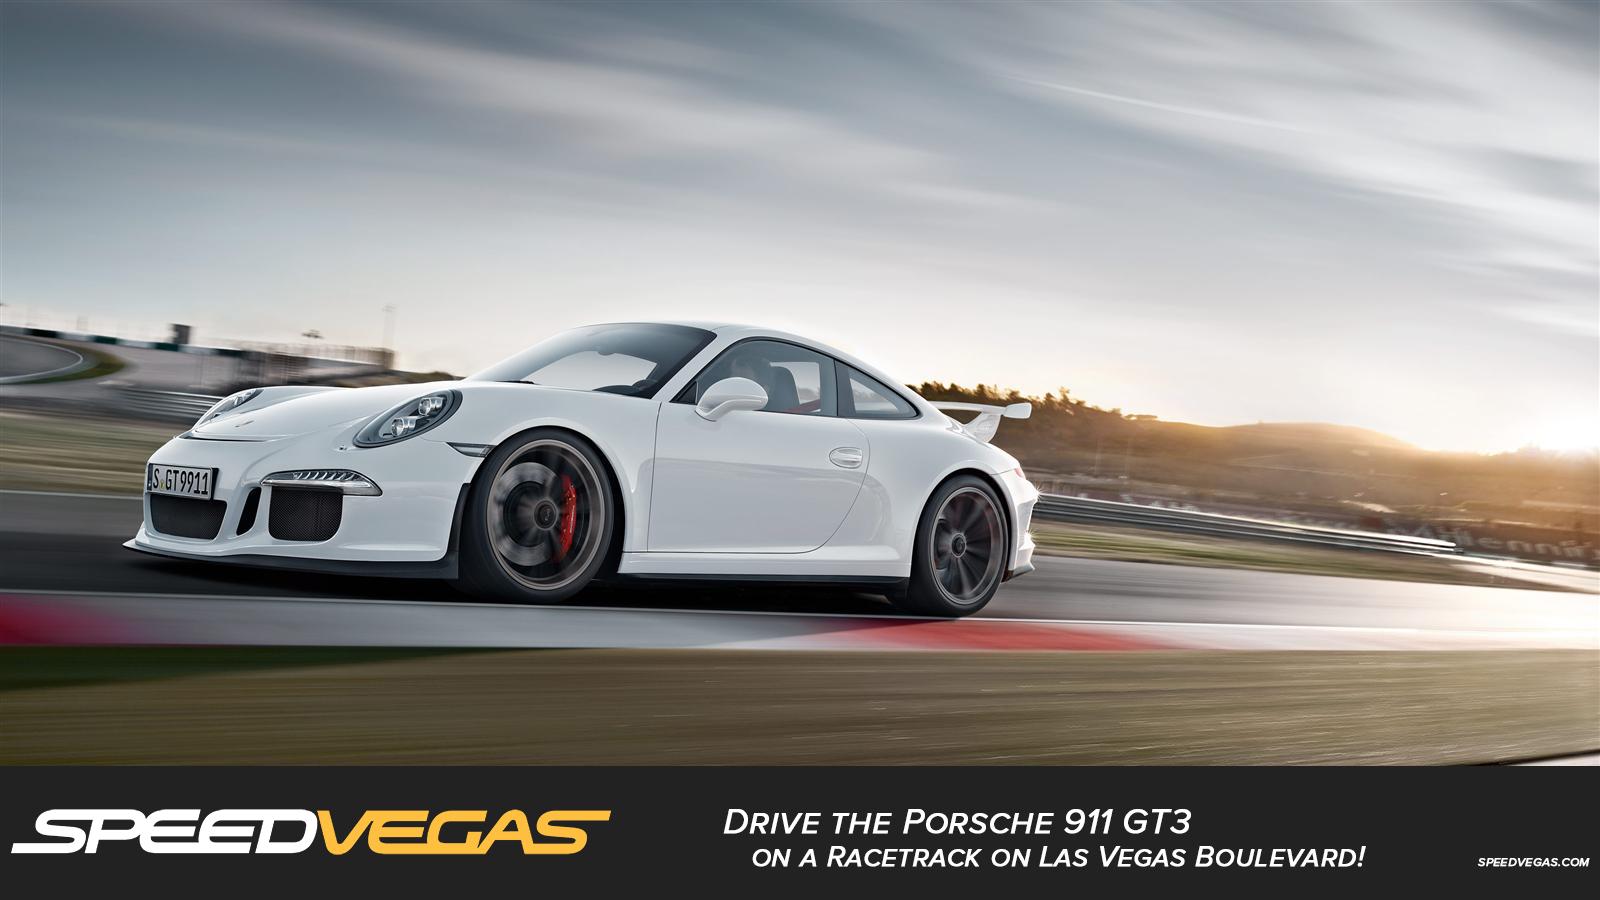 Drive A Porsche 911 Gt3 In Las Vegas Porsche Driving